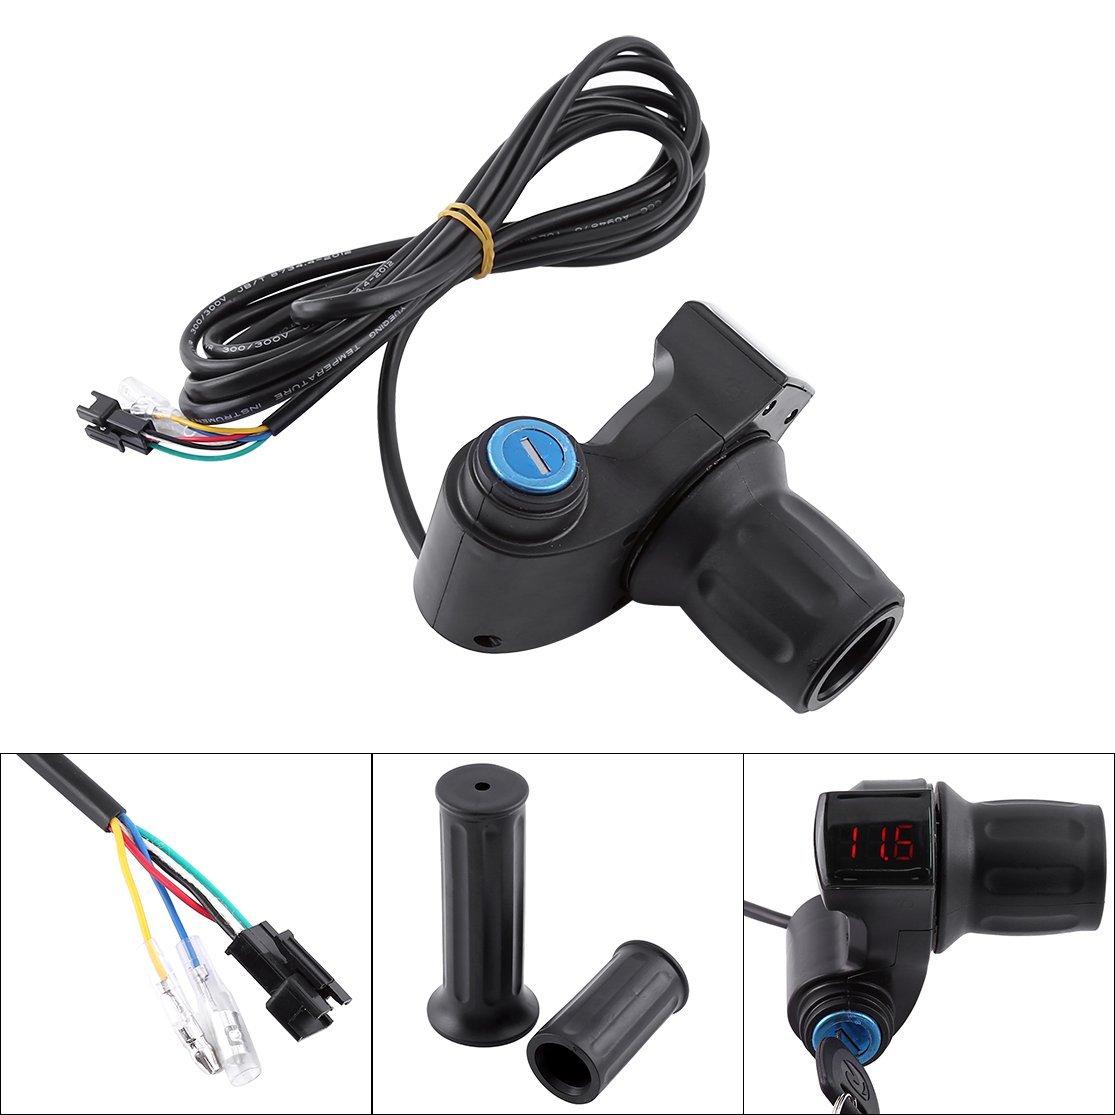 Elektrofahrrad Gasgriff Elektro-Scooter Batteriespannung mit LED-Anzeige und Power Key Locker Accelerator